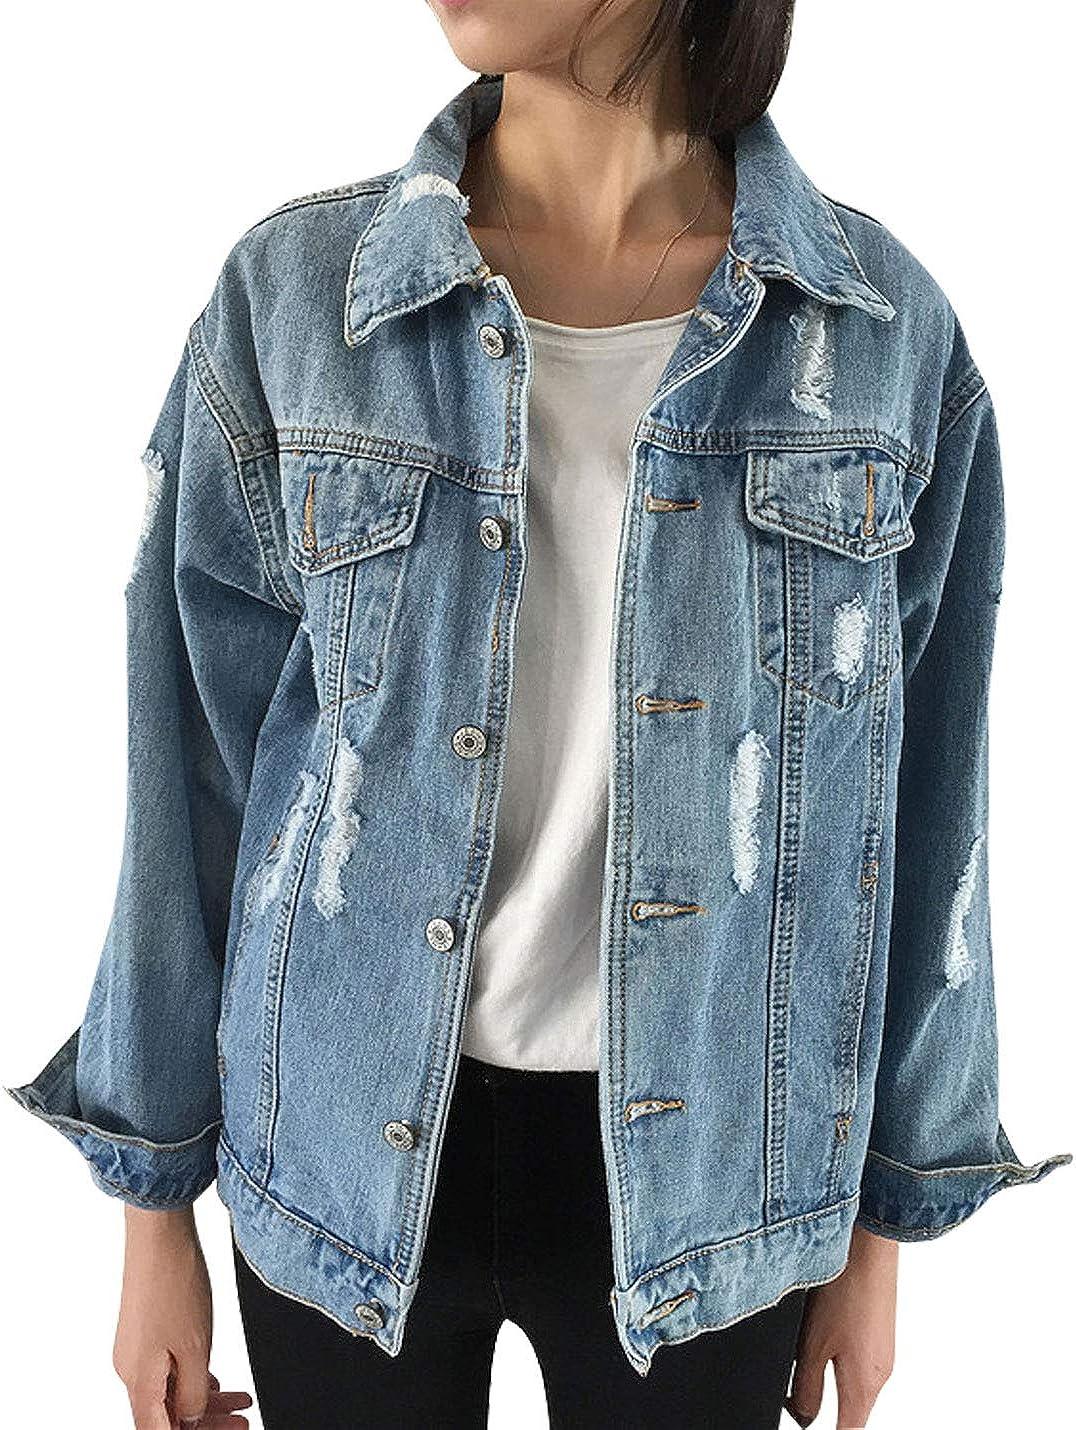 Omoone Women's Long Sleeve Oversized Ripped Denim Coats Jean Trucker Jacket